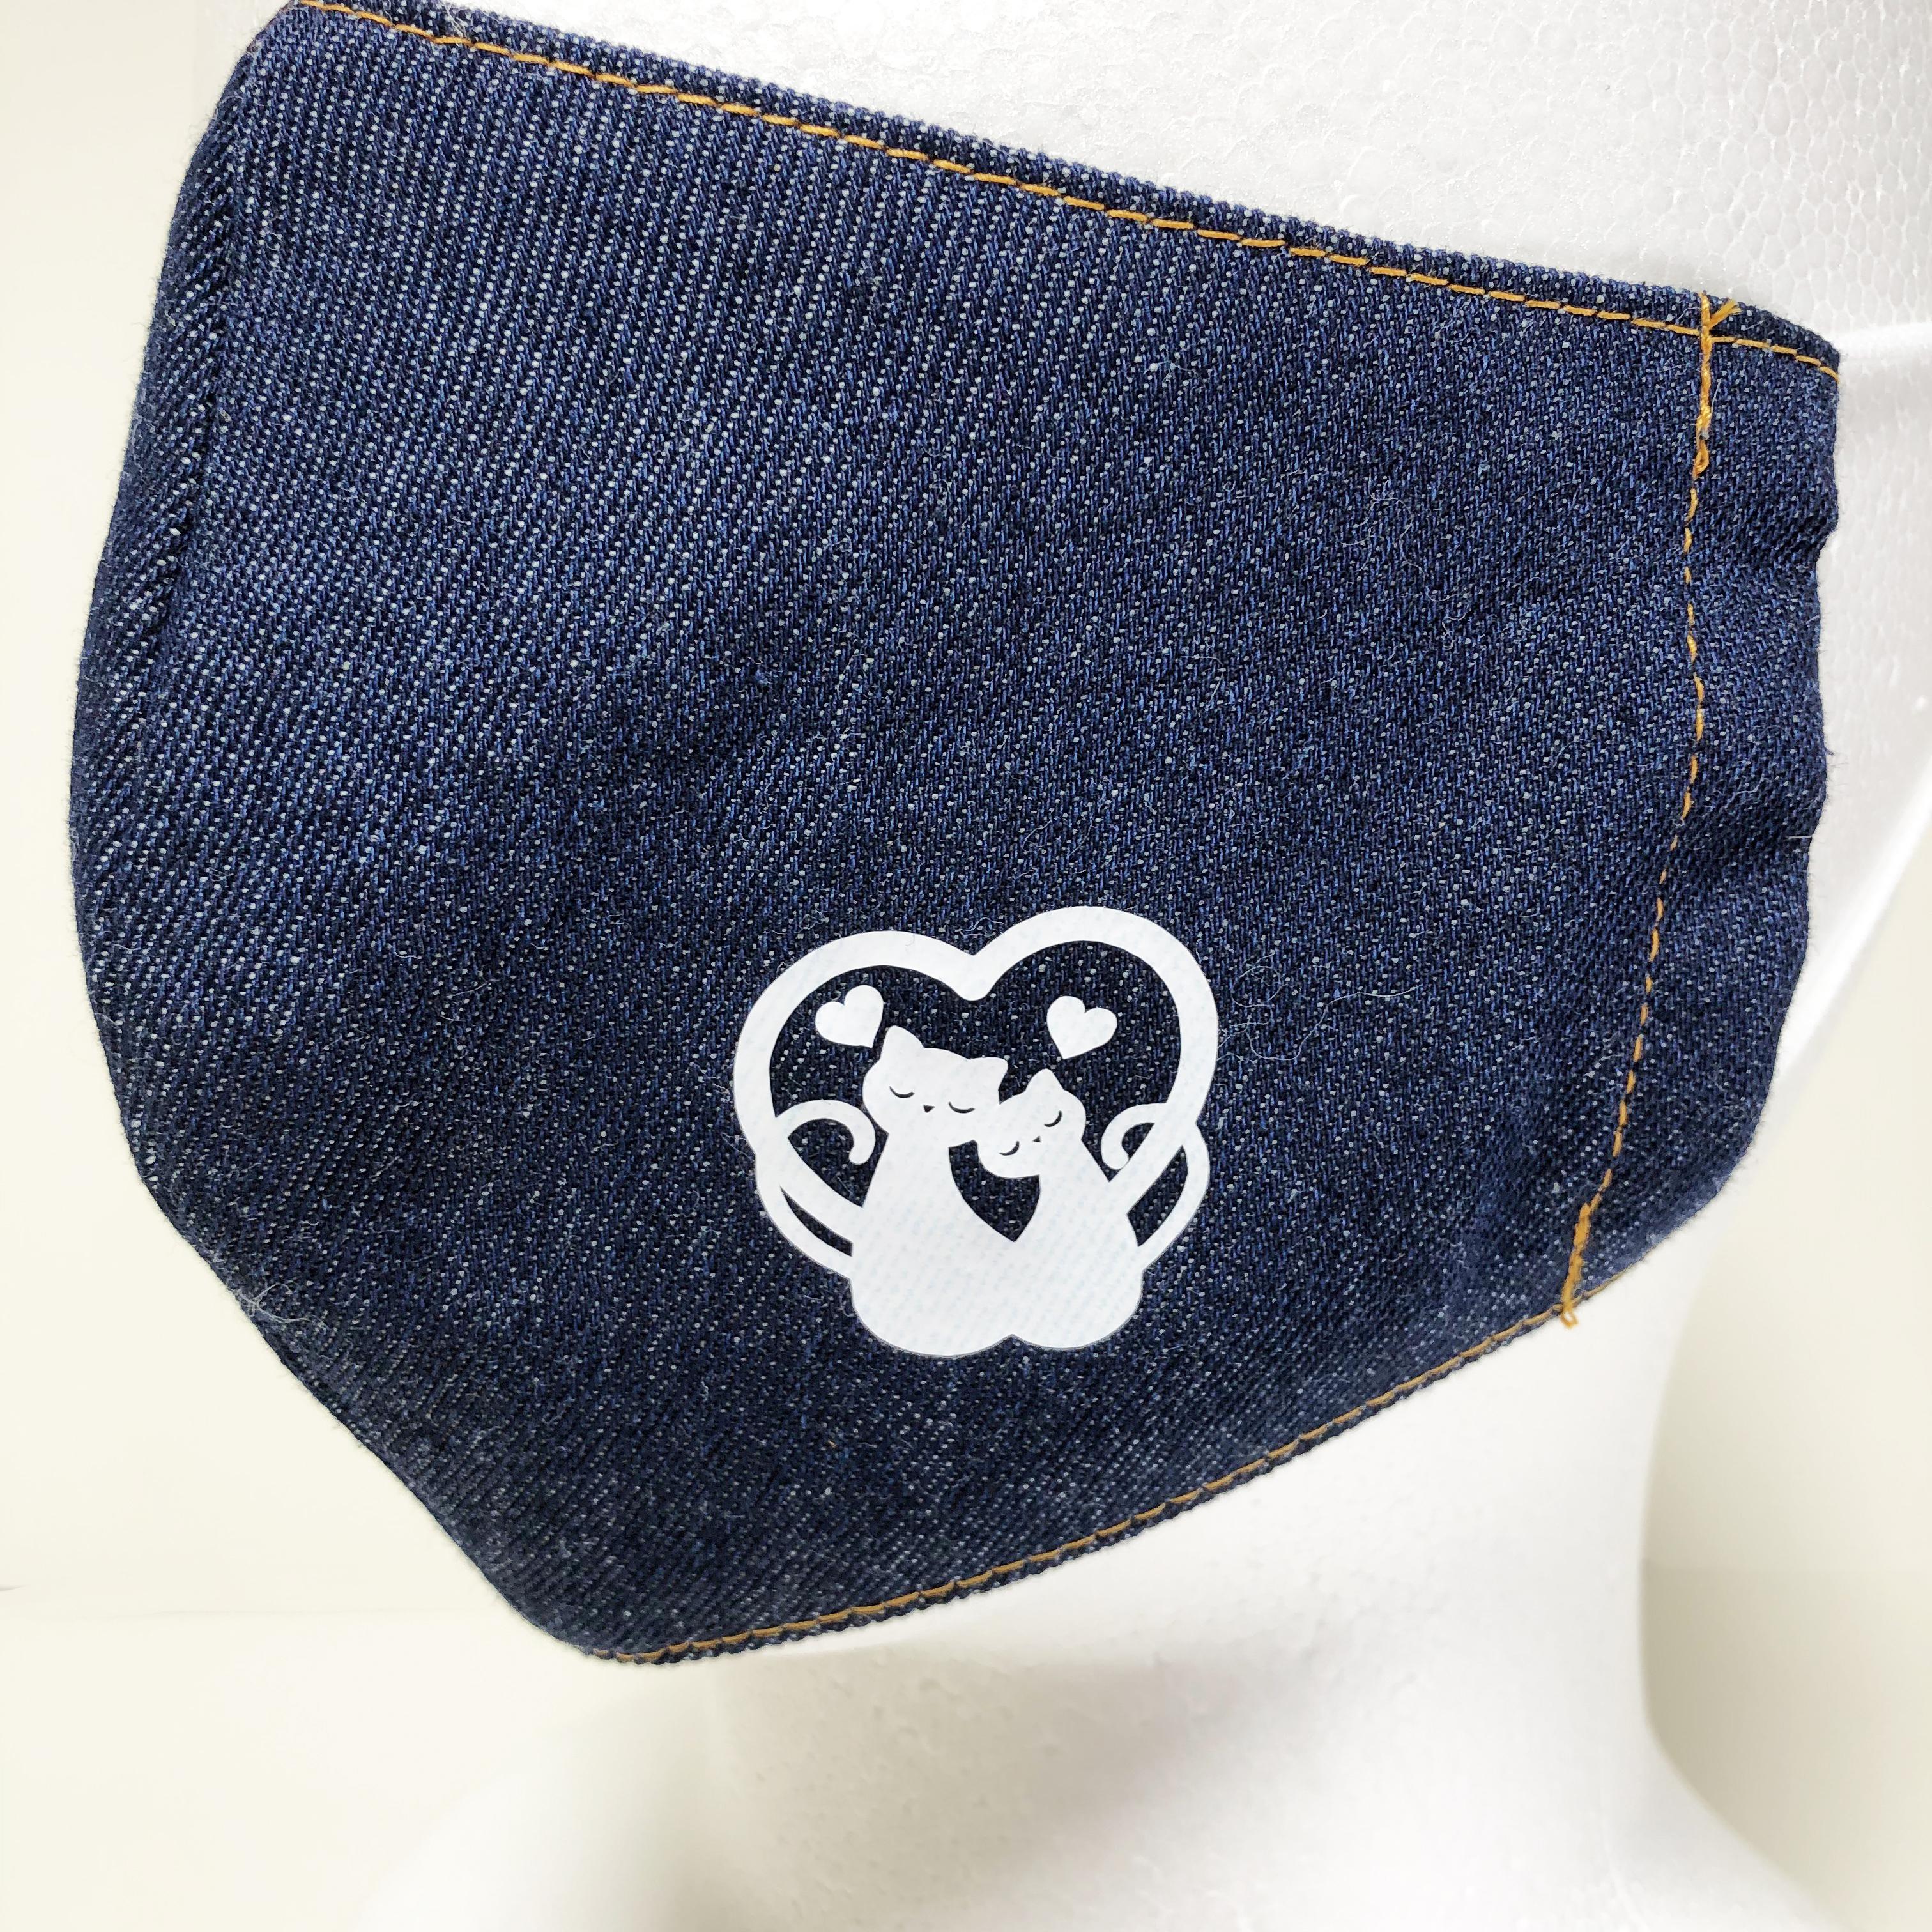 立体マスク 猫 デニム ハート LOVE 布マスク 大人サイズ ゴム紐使用